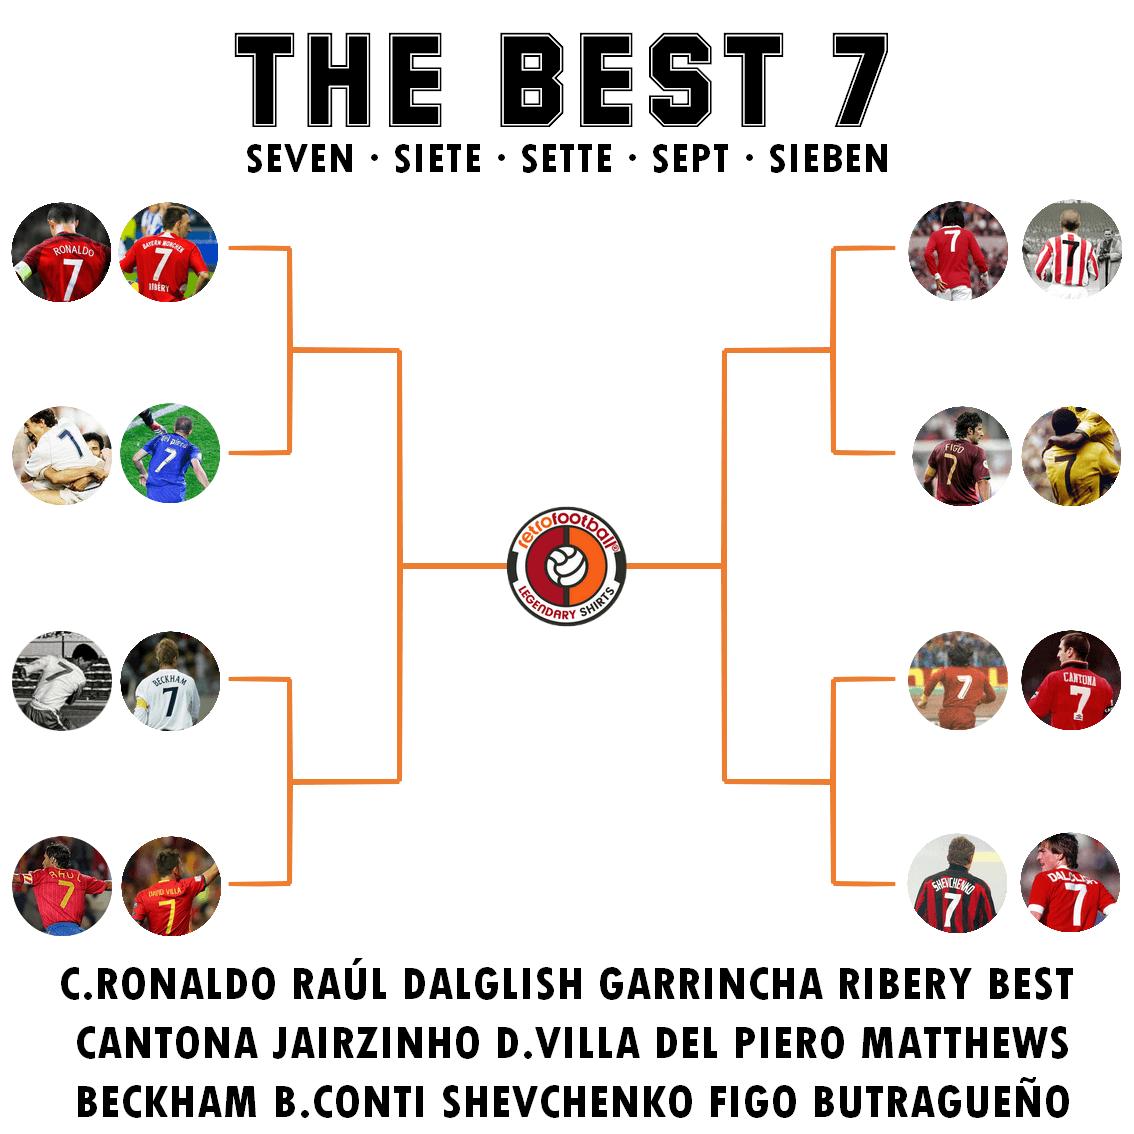 El mejor 7 de la historia del futbol - tabla de octavos de final